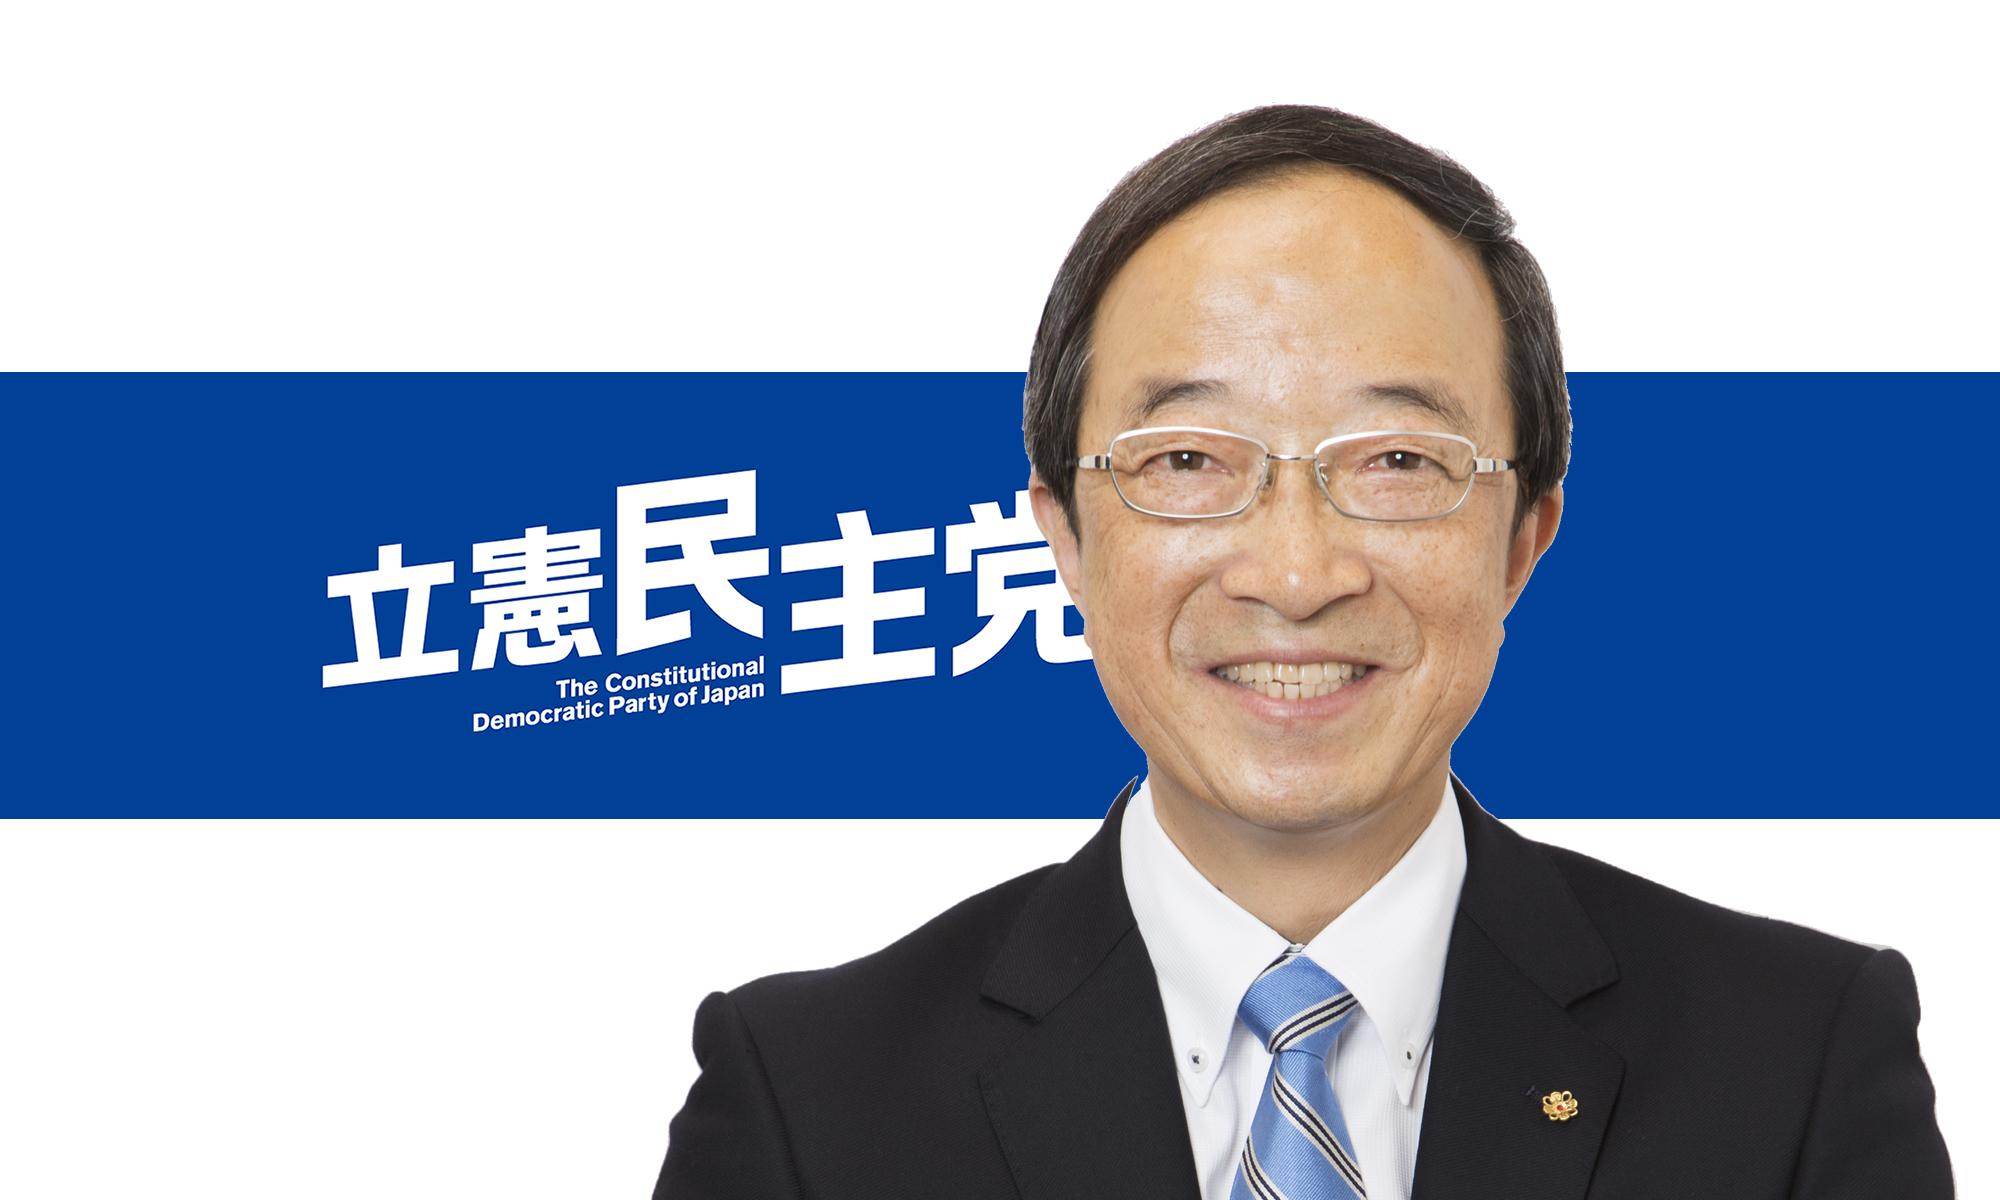 福岡県議会議員 川﨑としまる